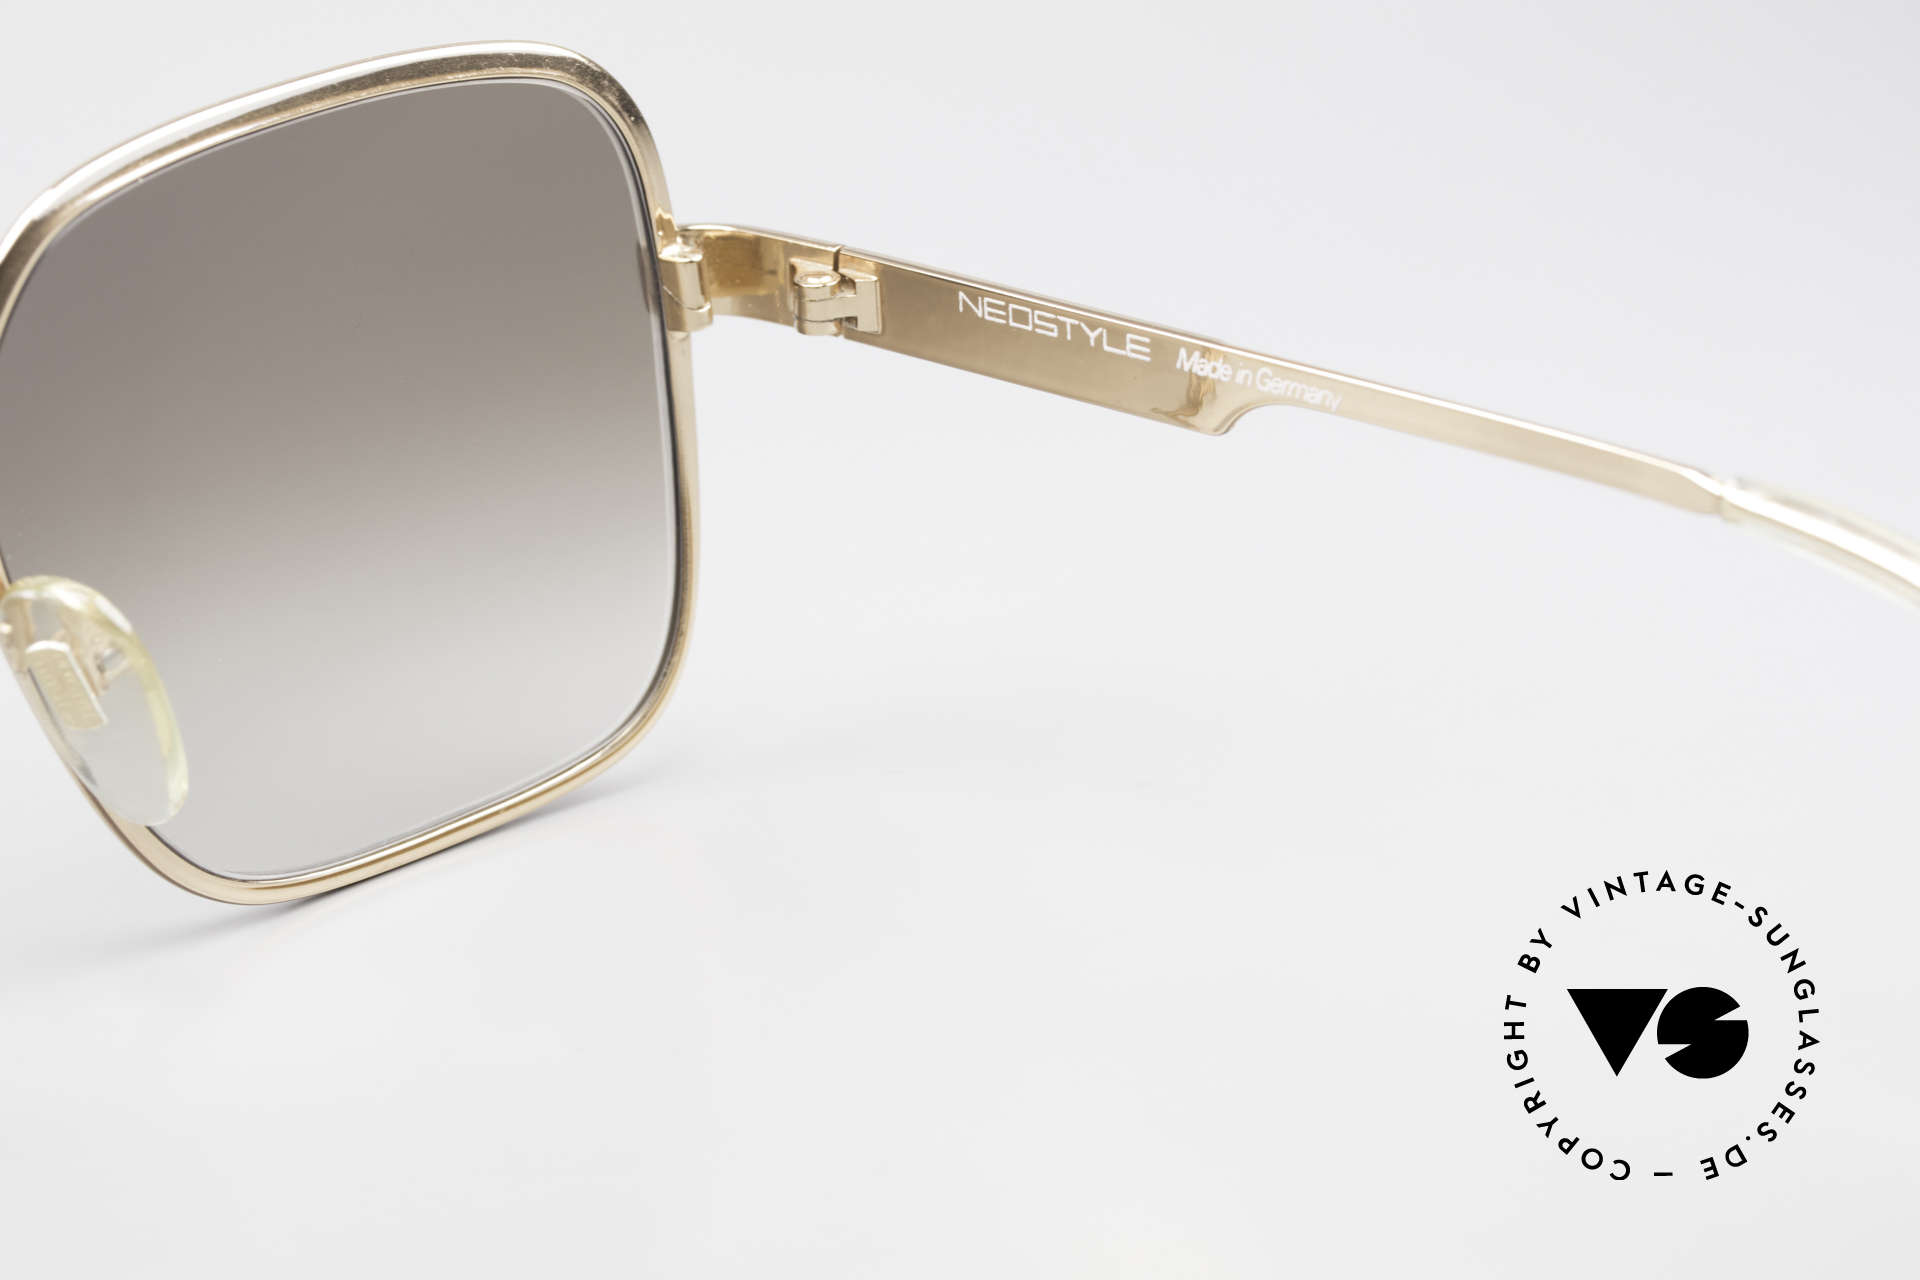 Neostyle Boutique 510 Leder Edition Vergoldet 80er, Größe: medium, Passend für Herren